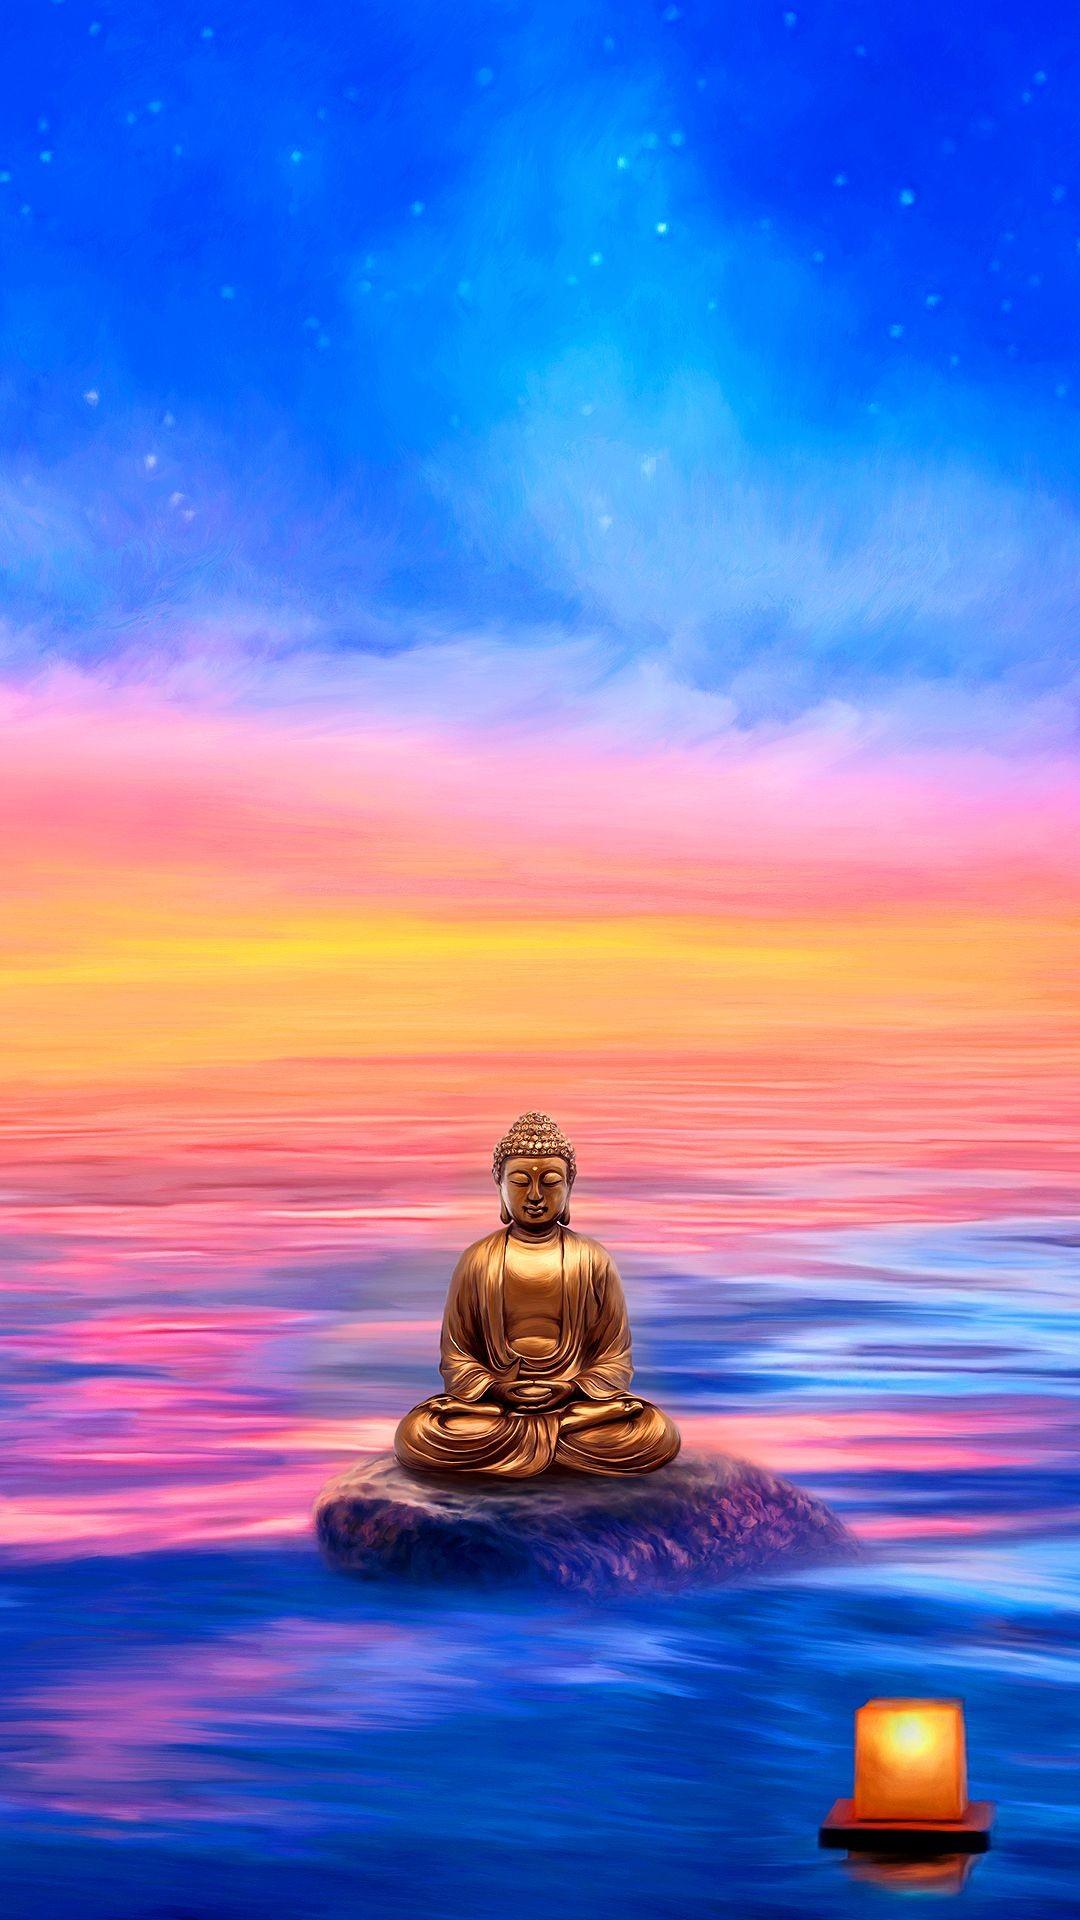 Hình ảnh Phật thanh bình